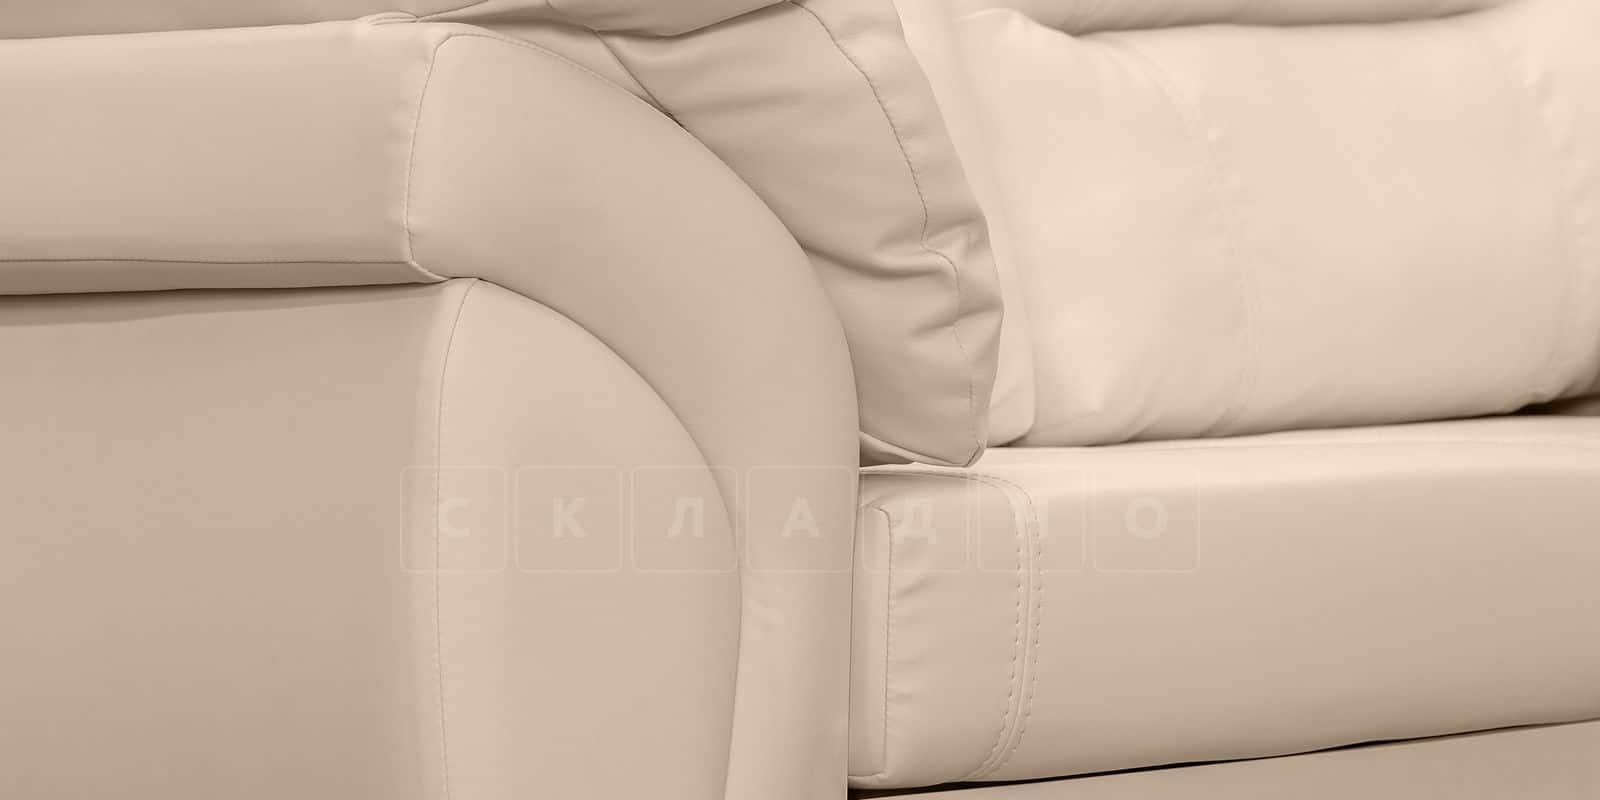 Диван Бристоль кожаный бежевого цвета фото 7 | интернет-магазин Складно